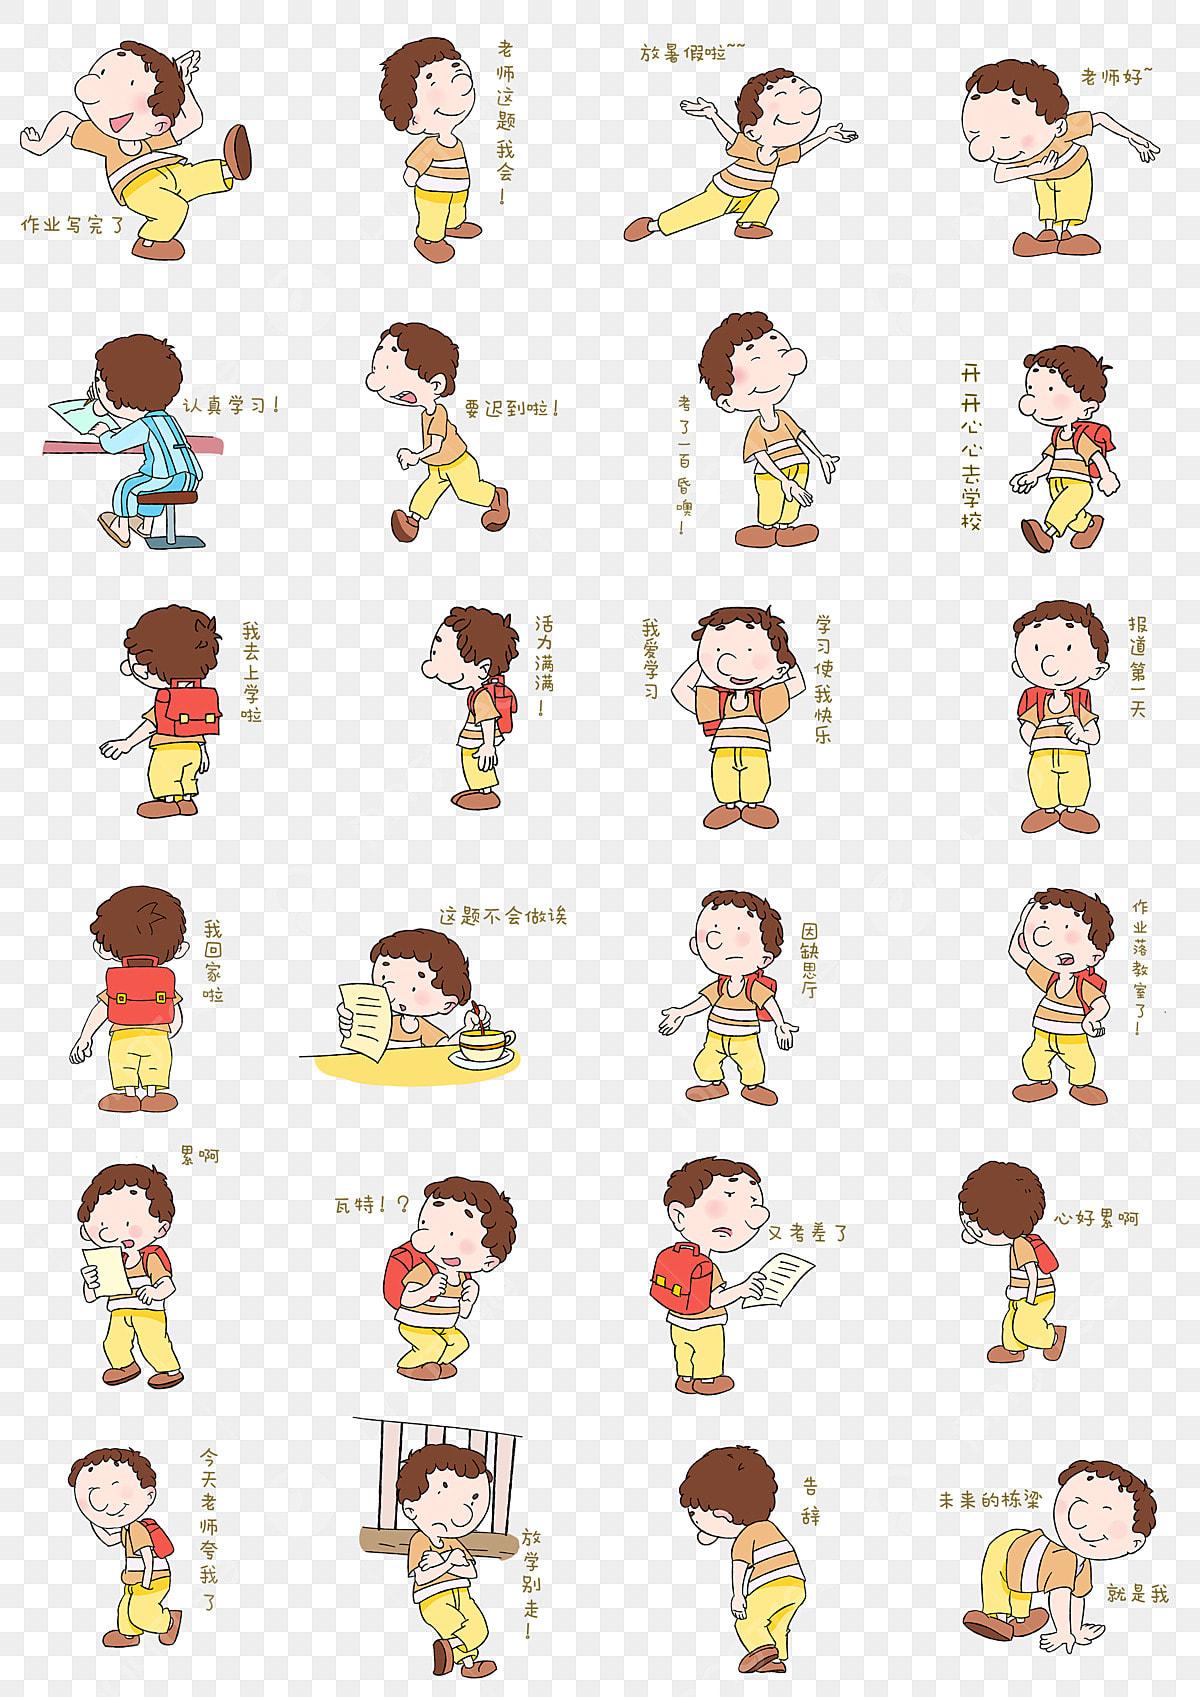 Cartoon Character Illustration Cartoon Boy Cartoon